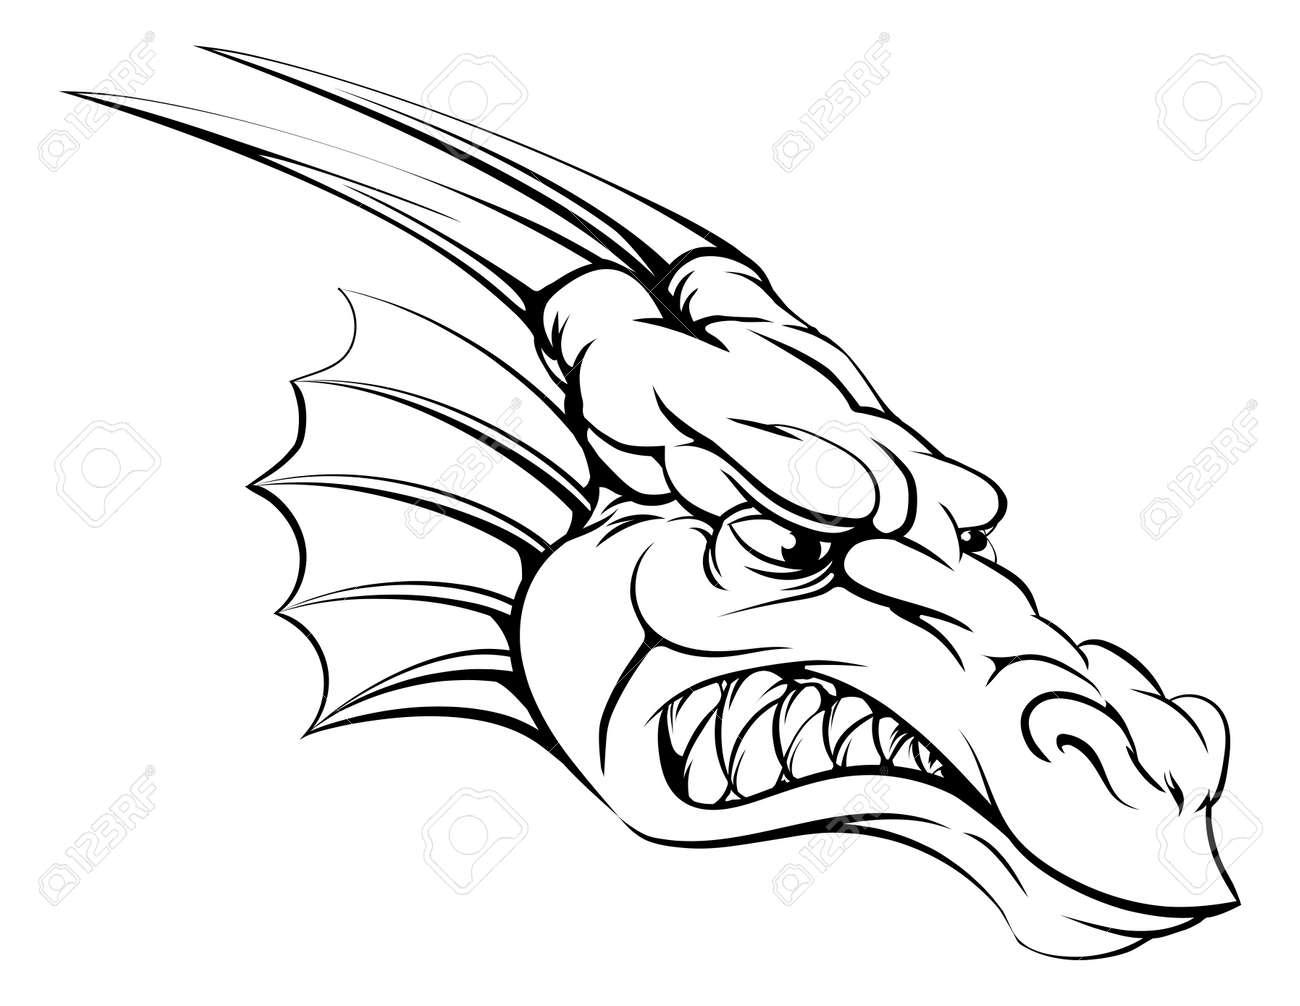 banque dimages un dessin dune tte moyenne de mascotte de dragon dur